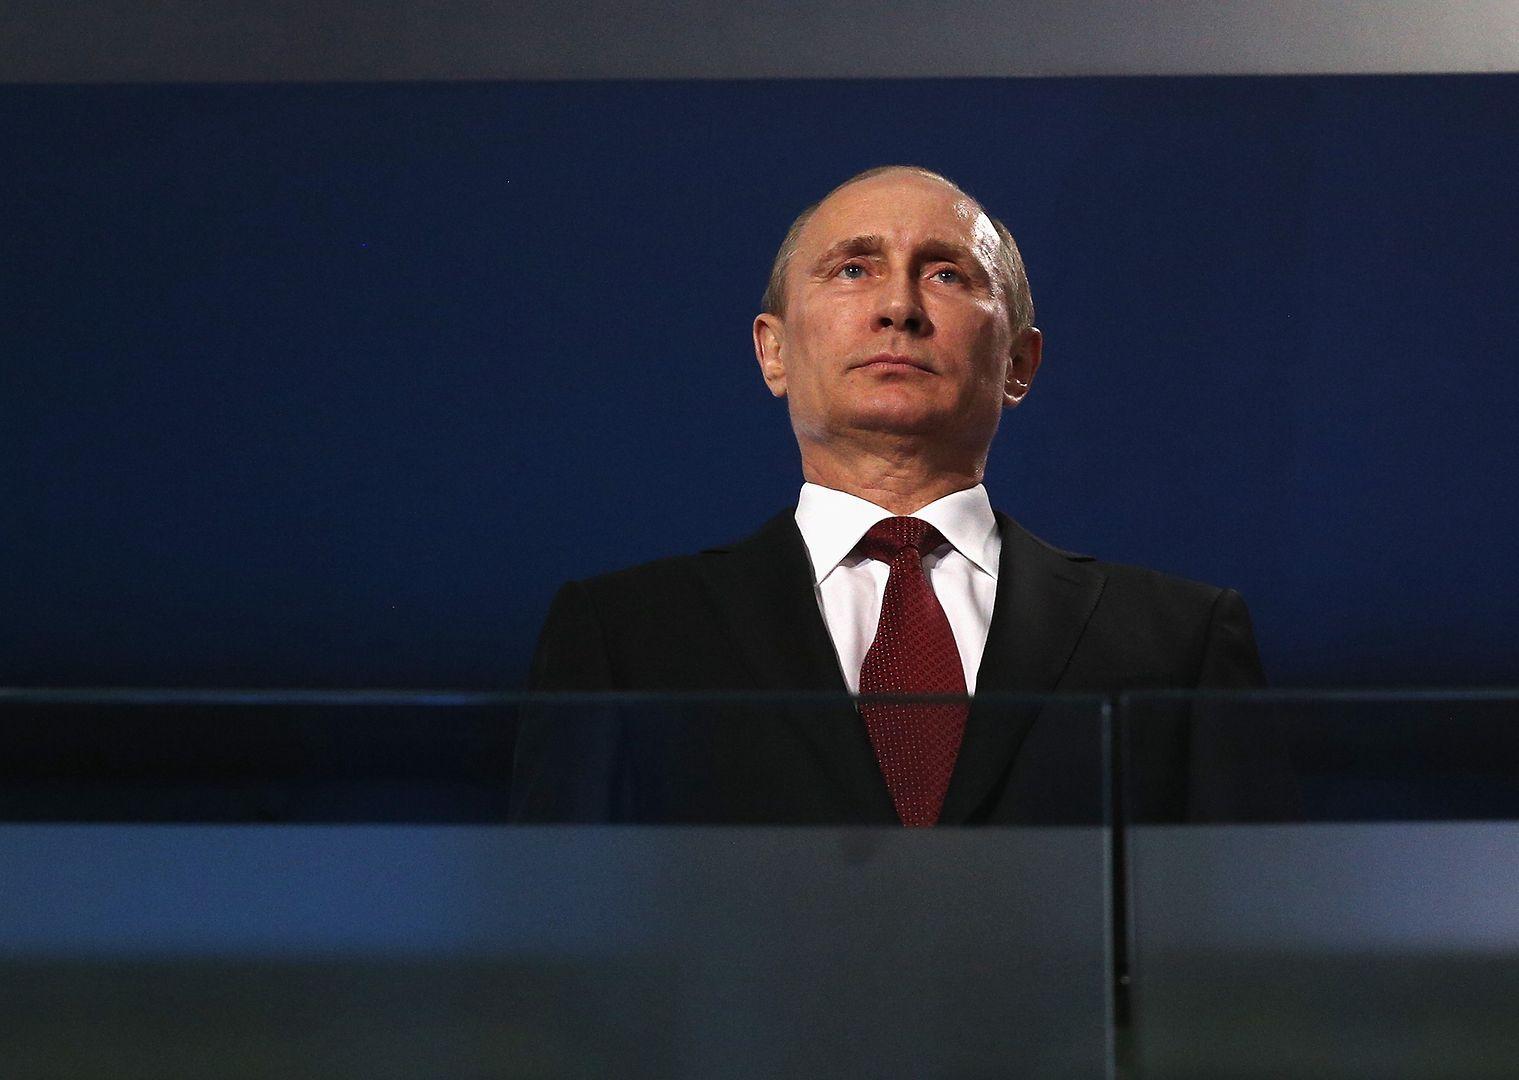 Rosjaninie, wybierz sobie Putina